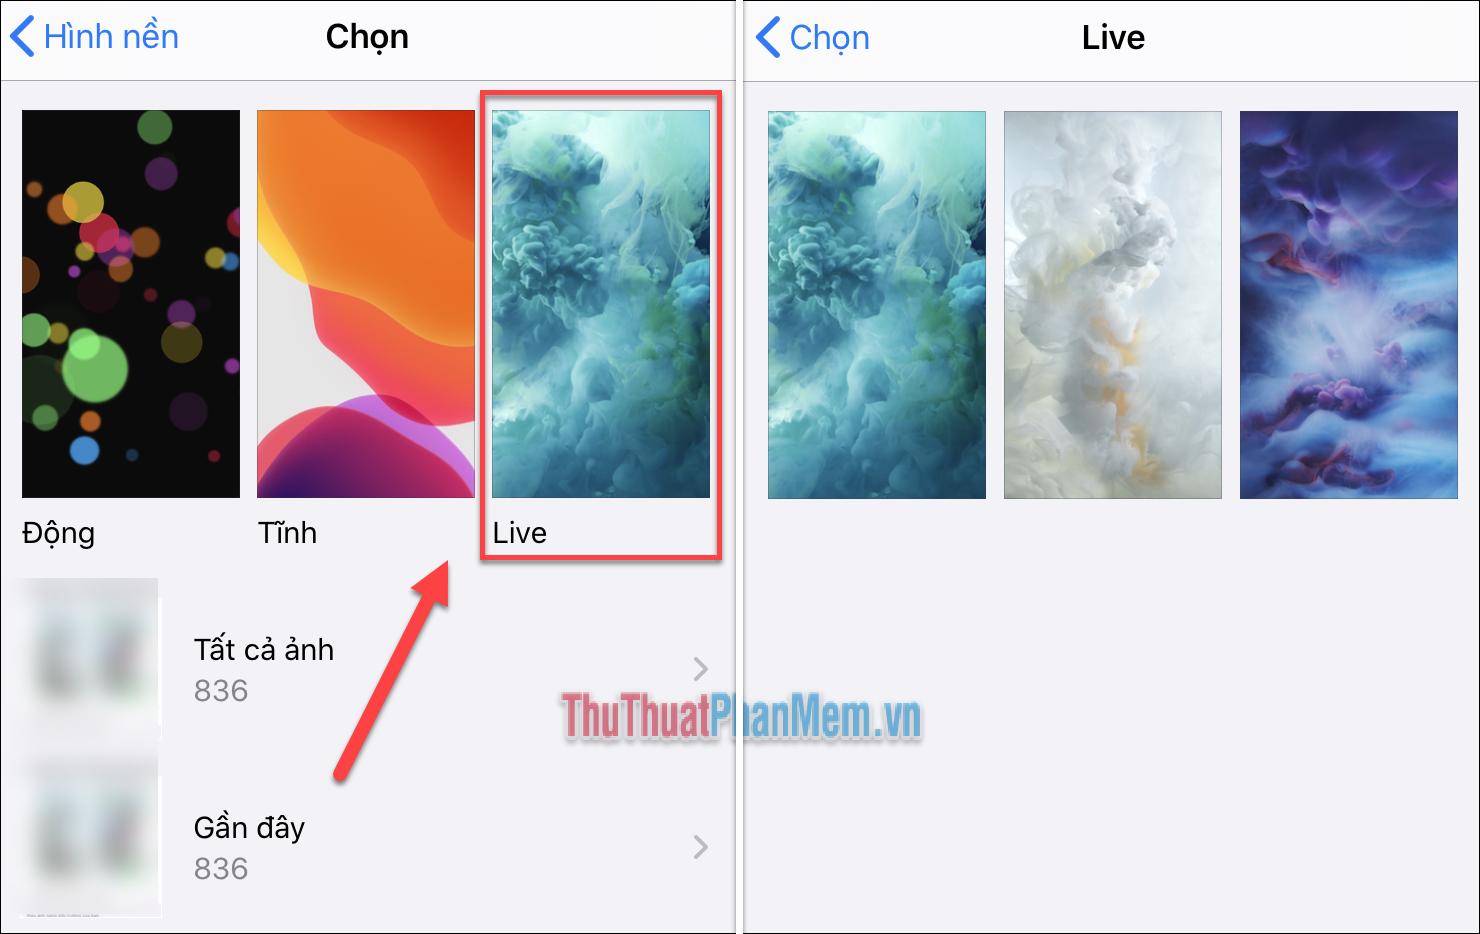 Nhấn Live và chọn một trong các hình nền được cung cấp